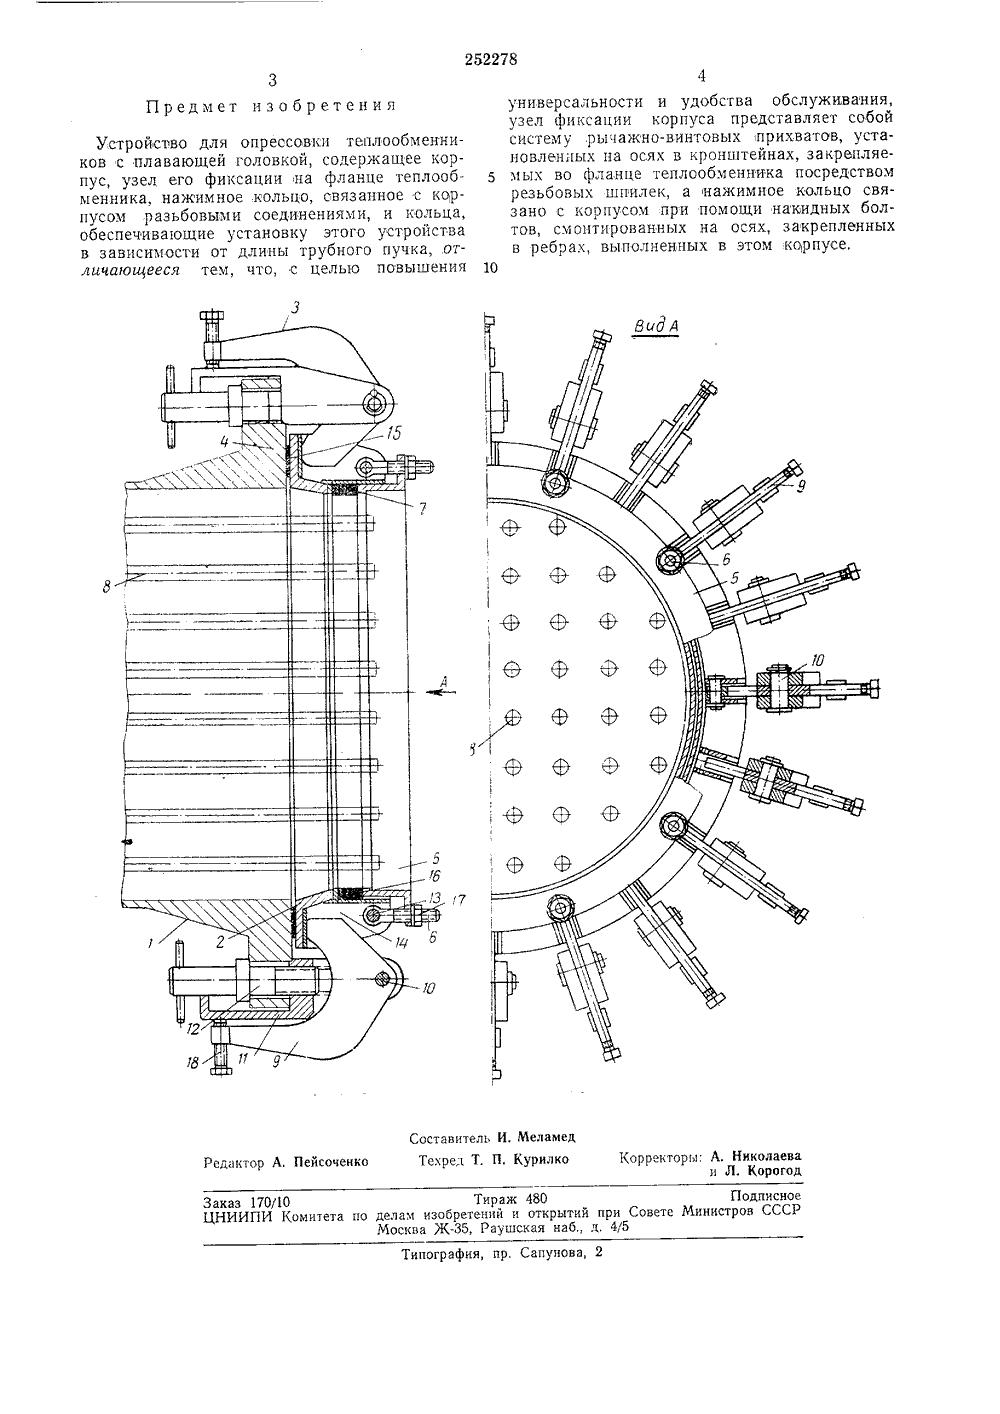 Как производят опрессовку теплообменников теплообменник 800тнв-2.5-м8